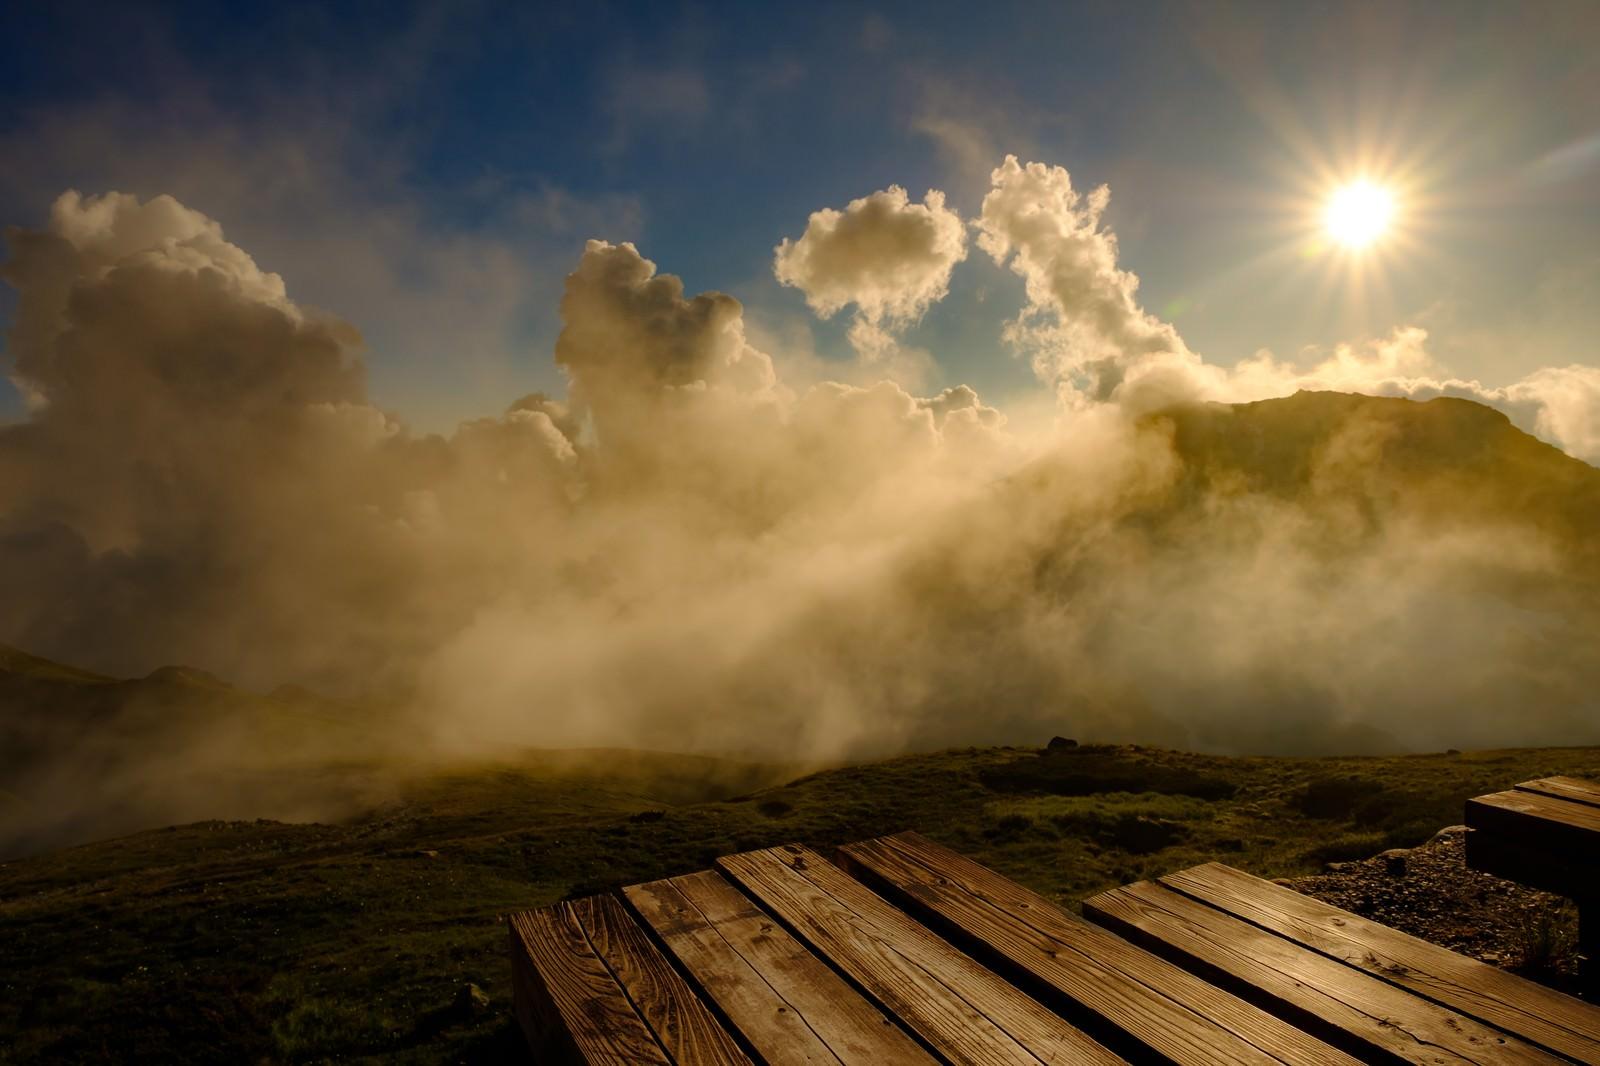 「白馬山荘テラスから望む夕日 | 写真の無料素材・フリー素材 - ぱくたそ」の写真